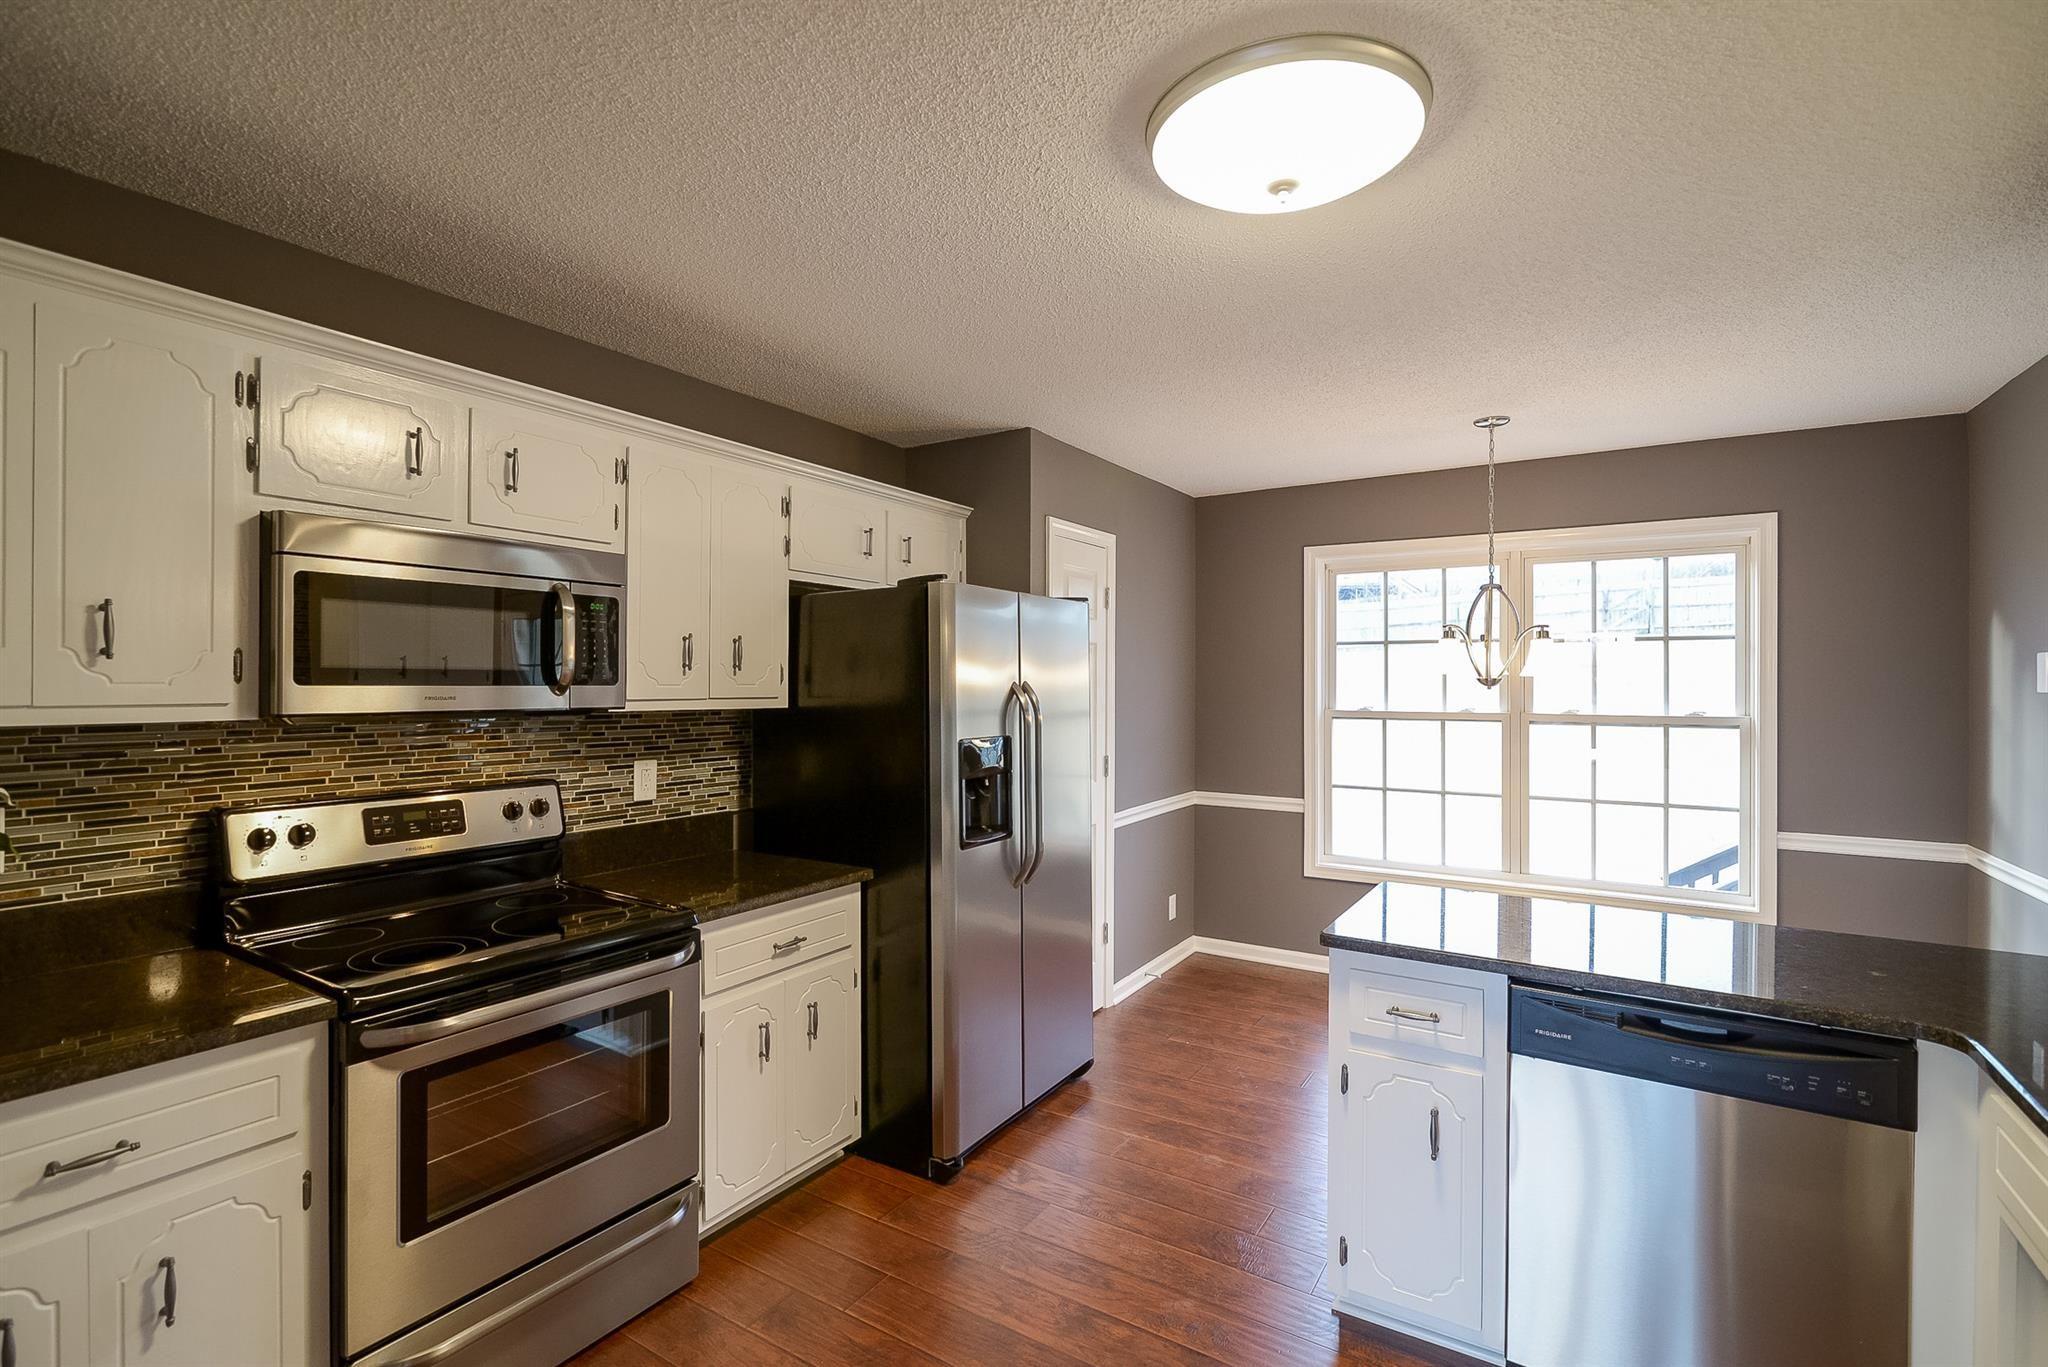 1484 Mckinley Ct., Clarksville TN 37042 - Photo 4   Home ...